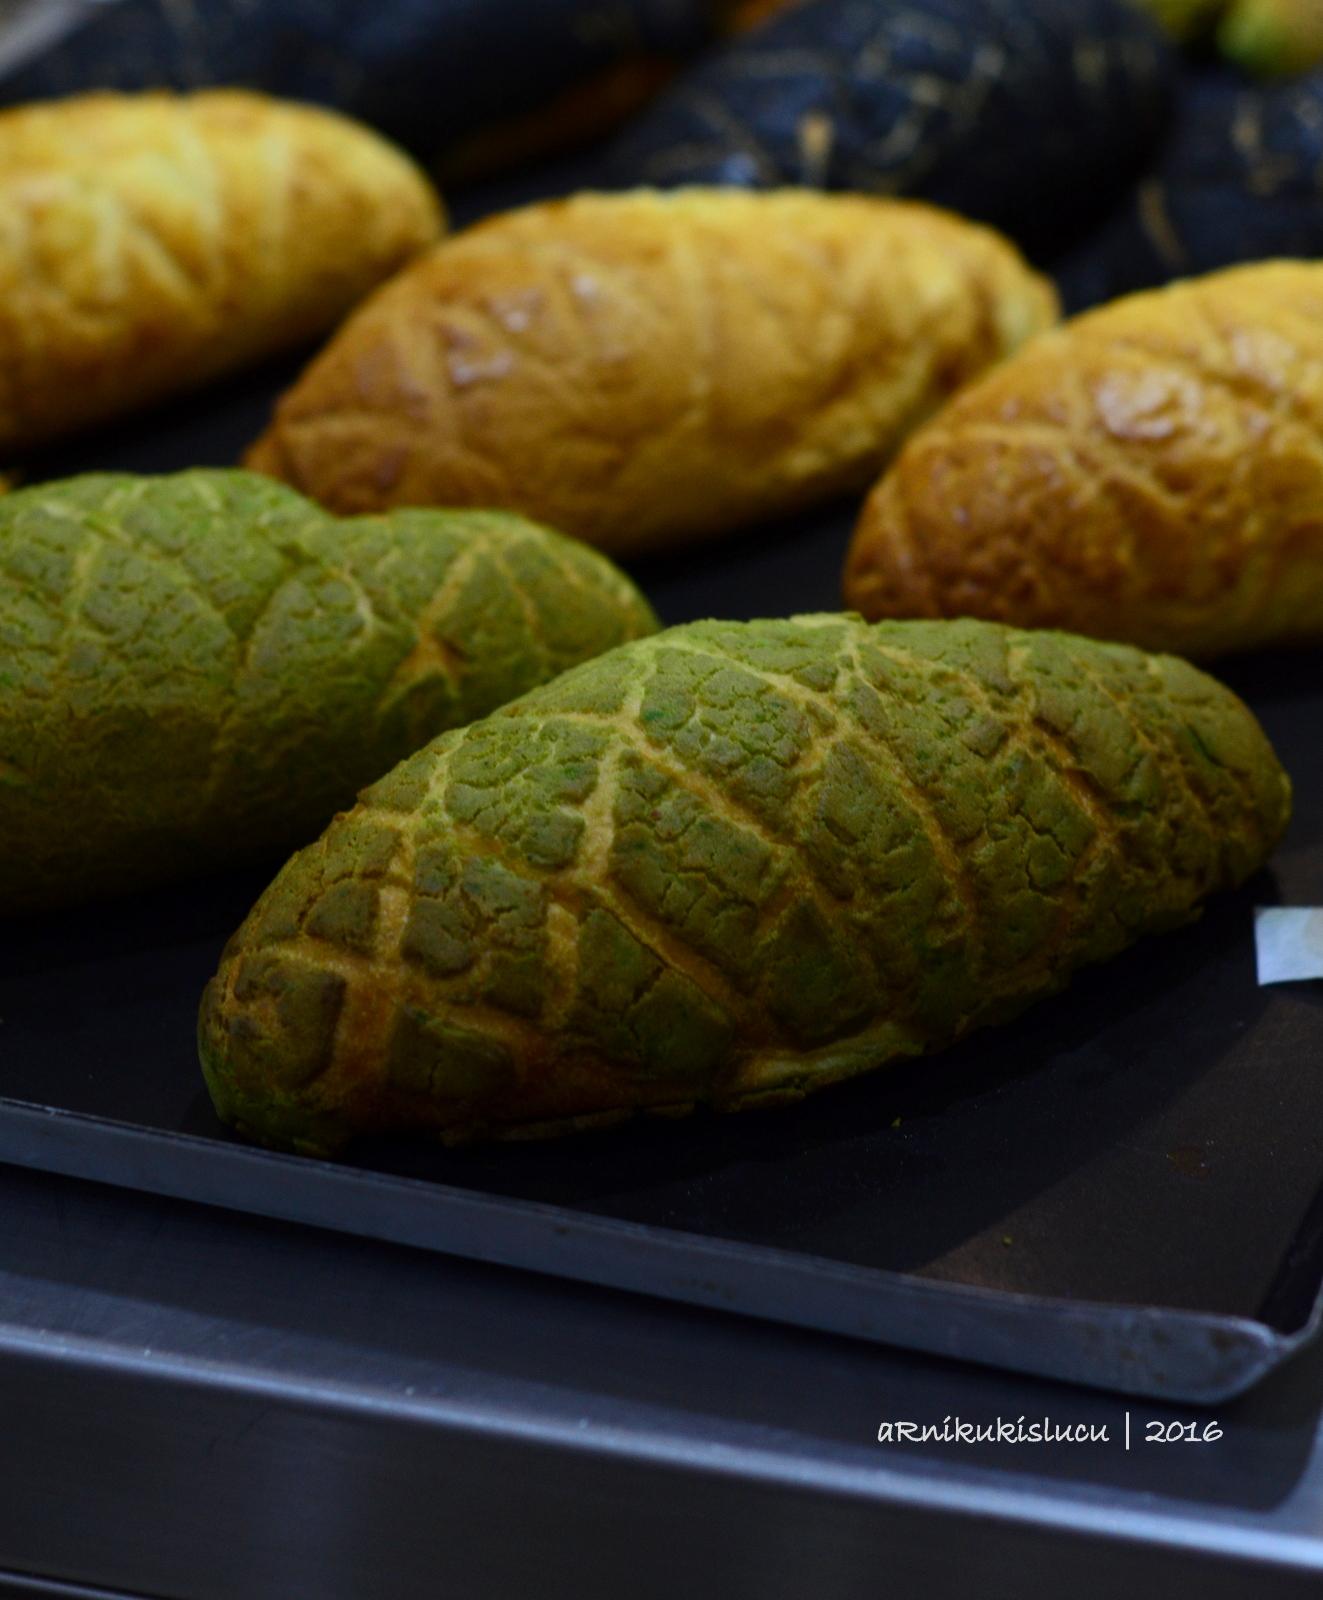 Viani Cookies Roti Tawar Gandum 400 Gr Untuk Yang Suka Asin Adonan Bisa Di Isi Sosis Atau Smoke Beef Jangan Lupa Tambahkan Mayonaise Dan Saus Tomat Sebagai Topping